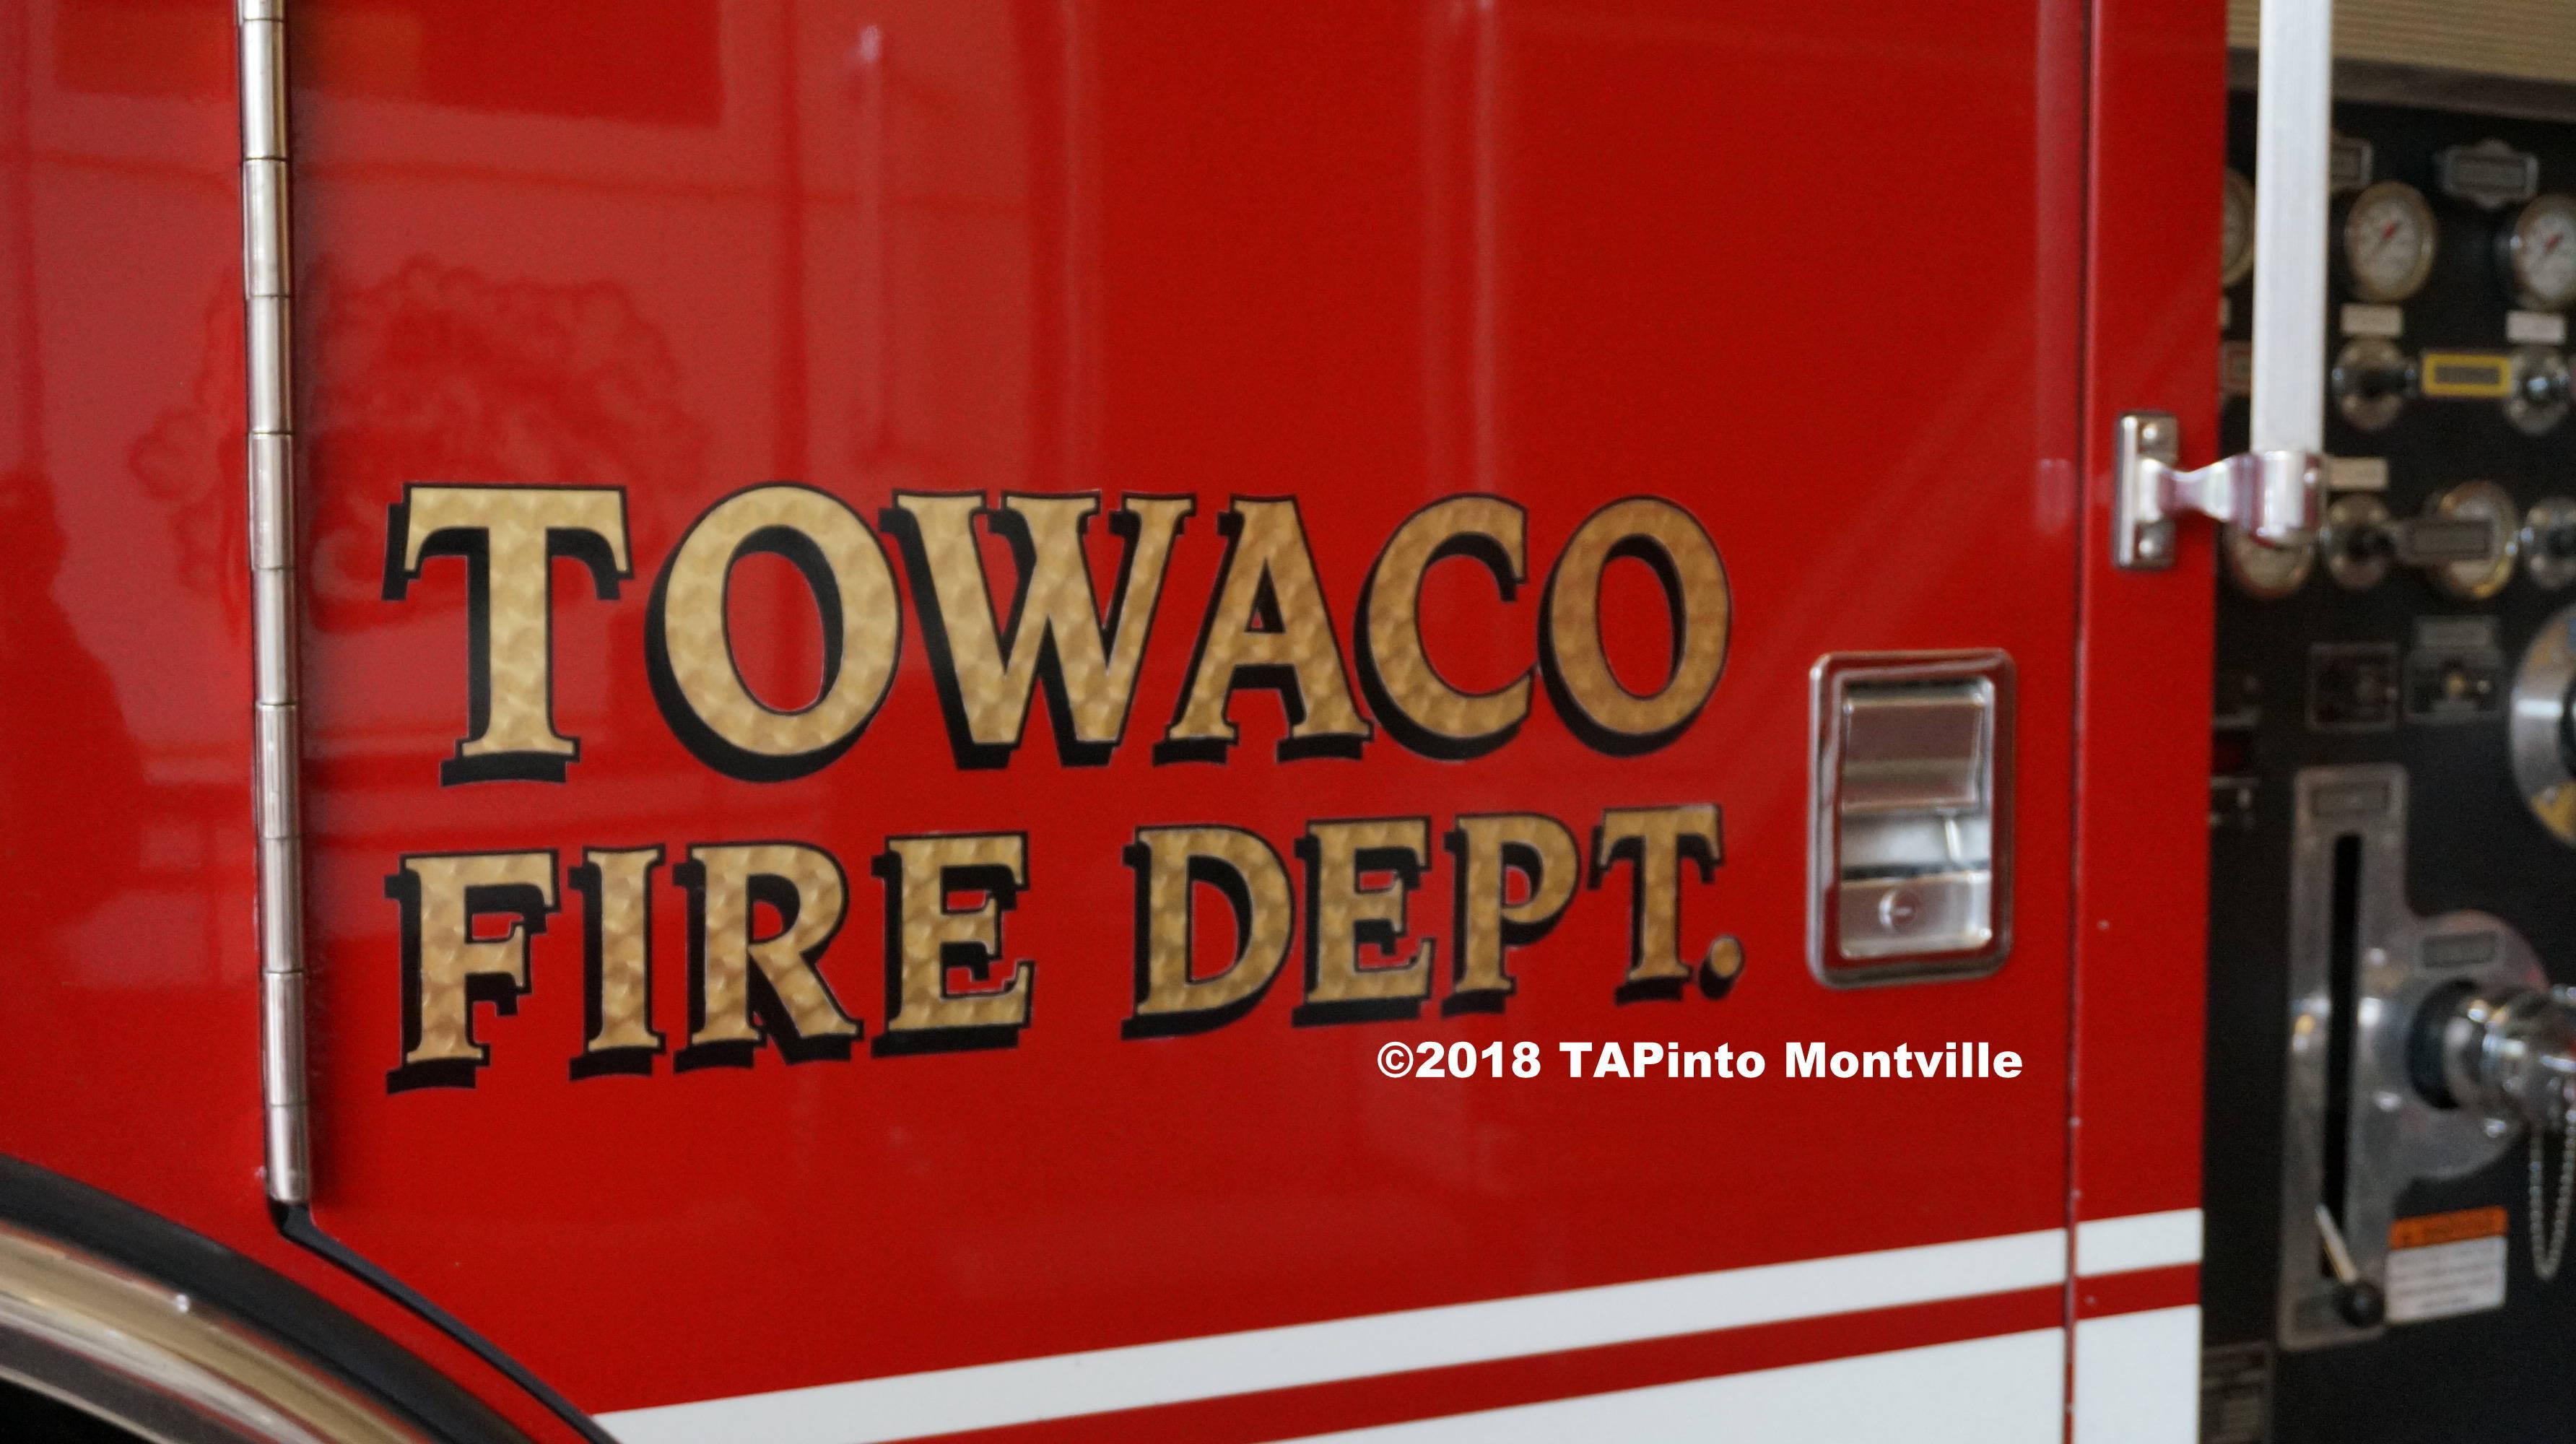 0307d1e8a373b30d7e6b_a_Towaco_Fire_Department__2018_TAPinto_Montville___1..JPG